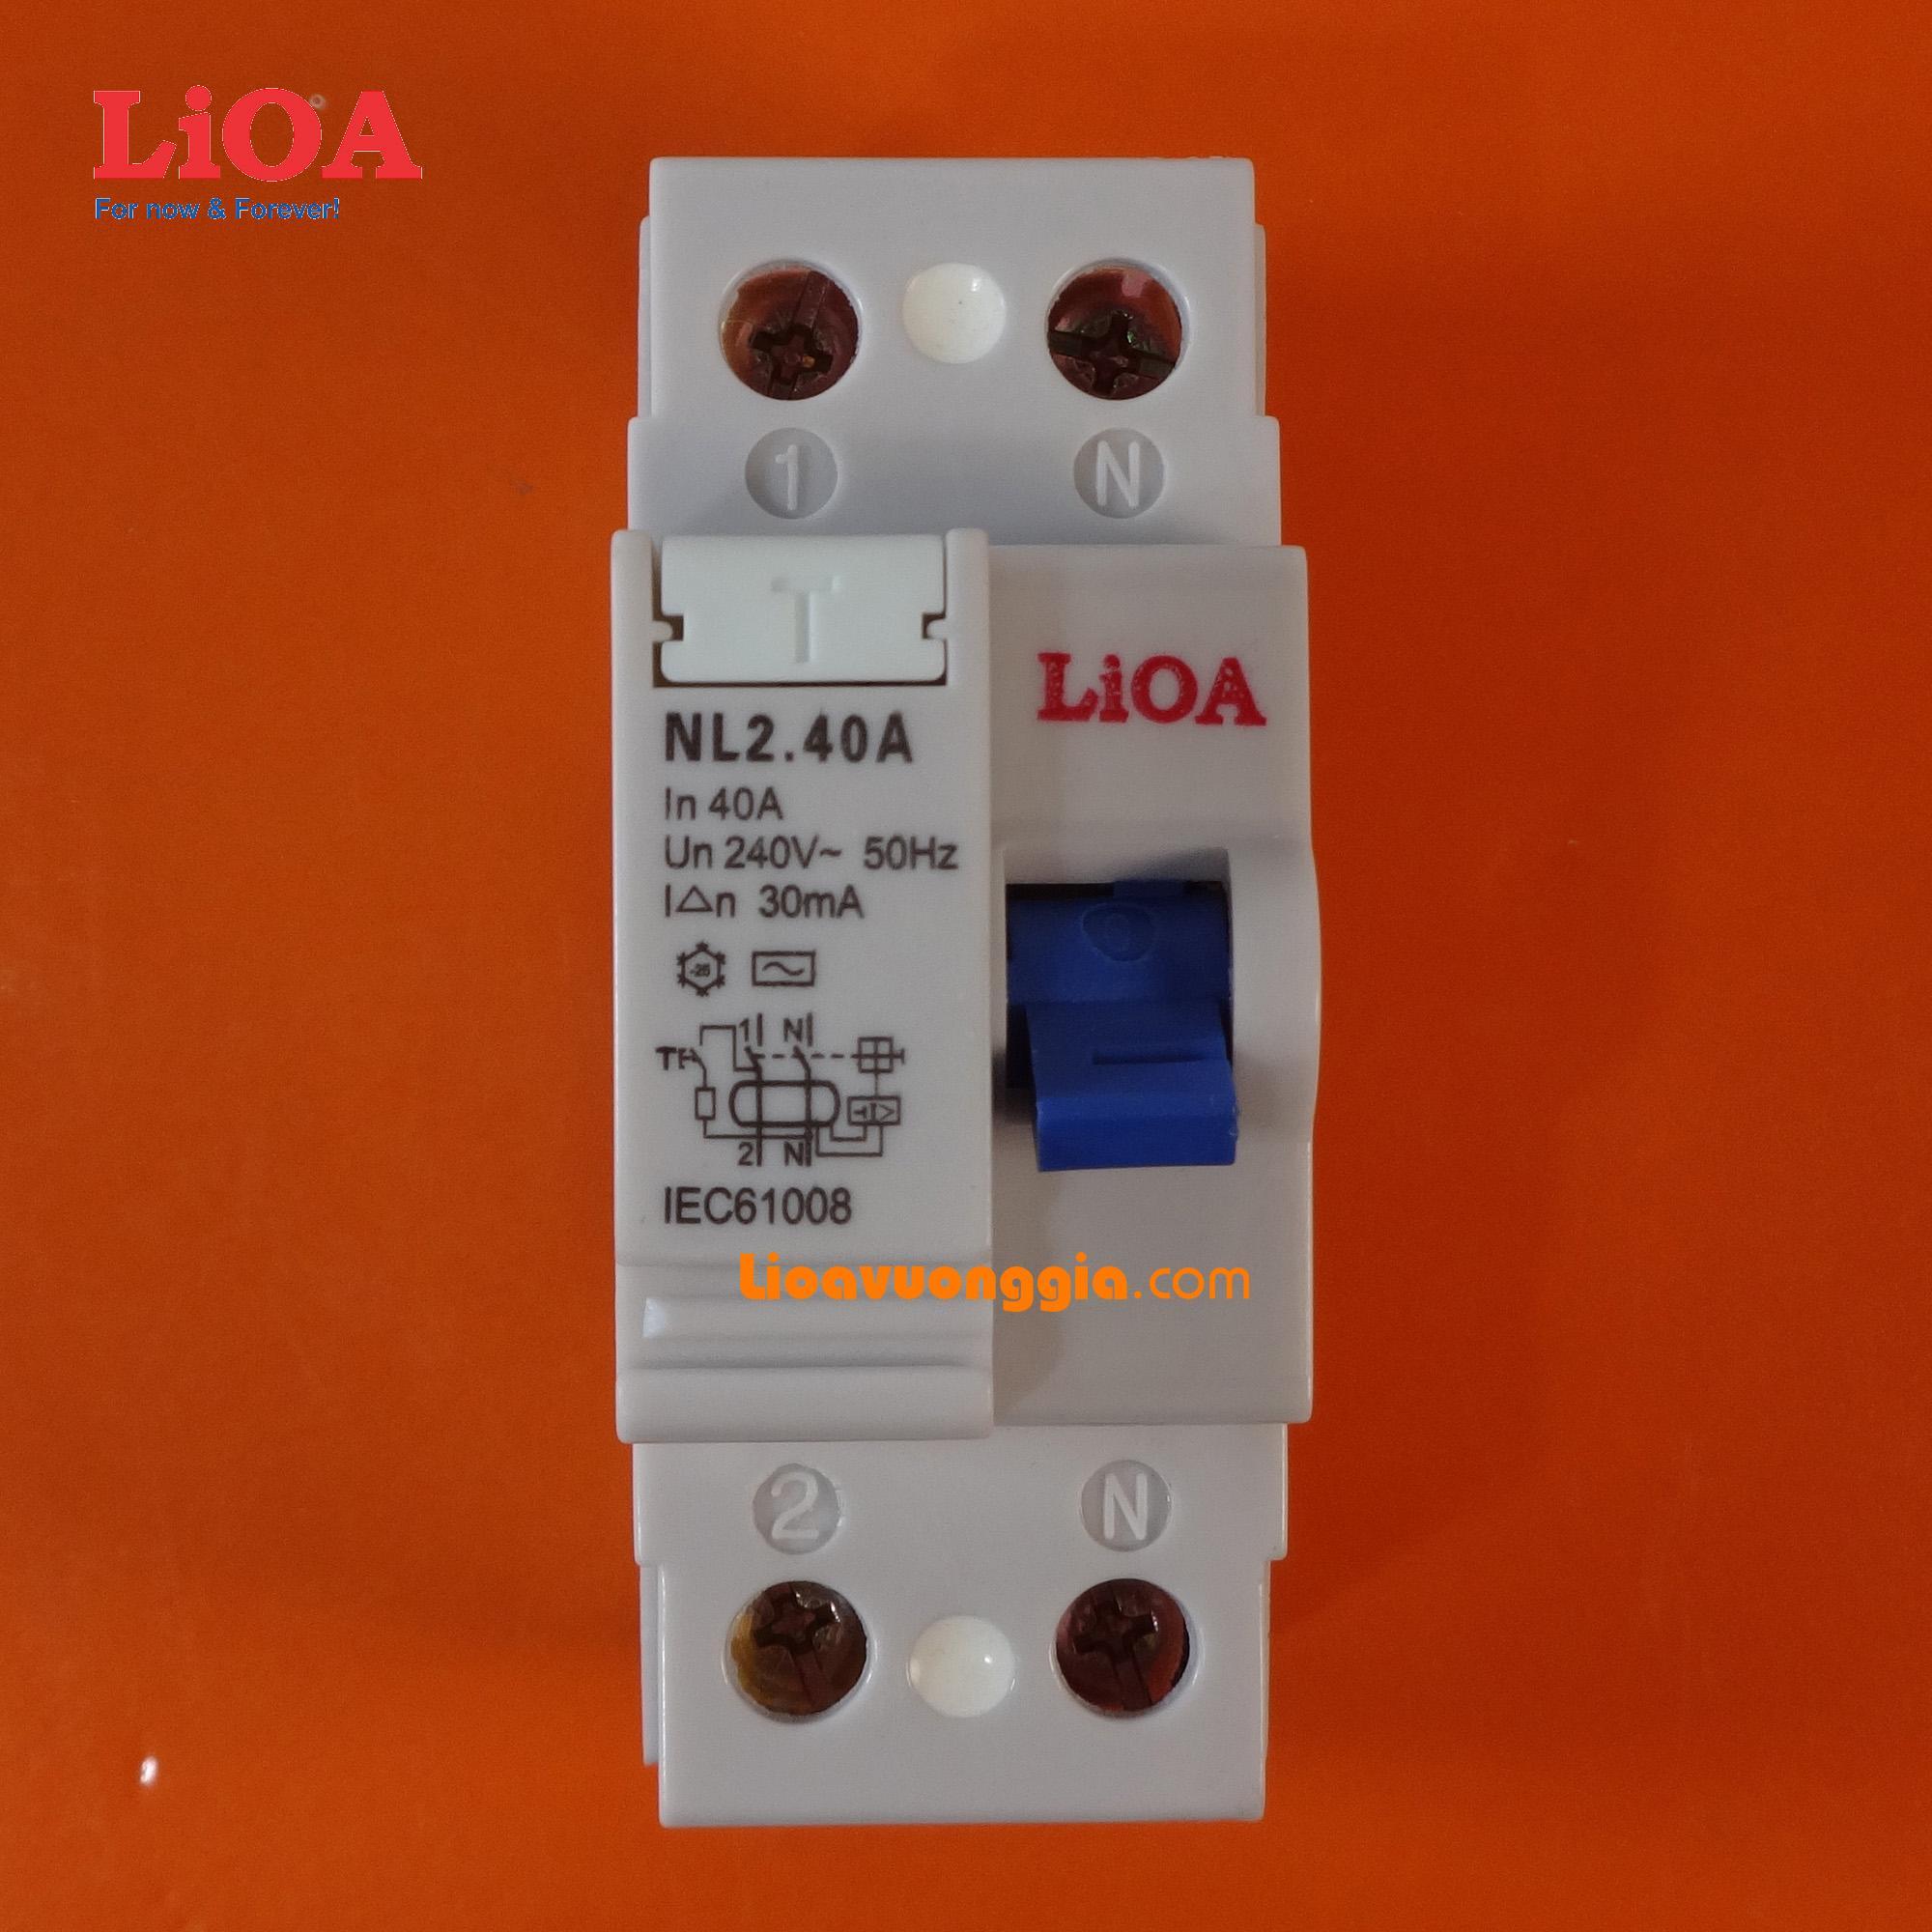 Cầu dao chống dòng rò (chống giật) LiOA loại 2 cực - Dòng điện định mức 40A - RCCB2040-30